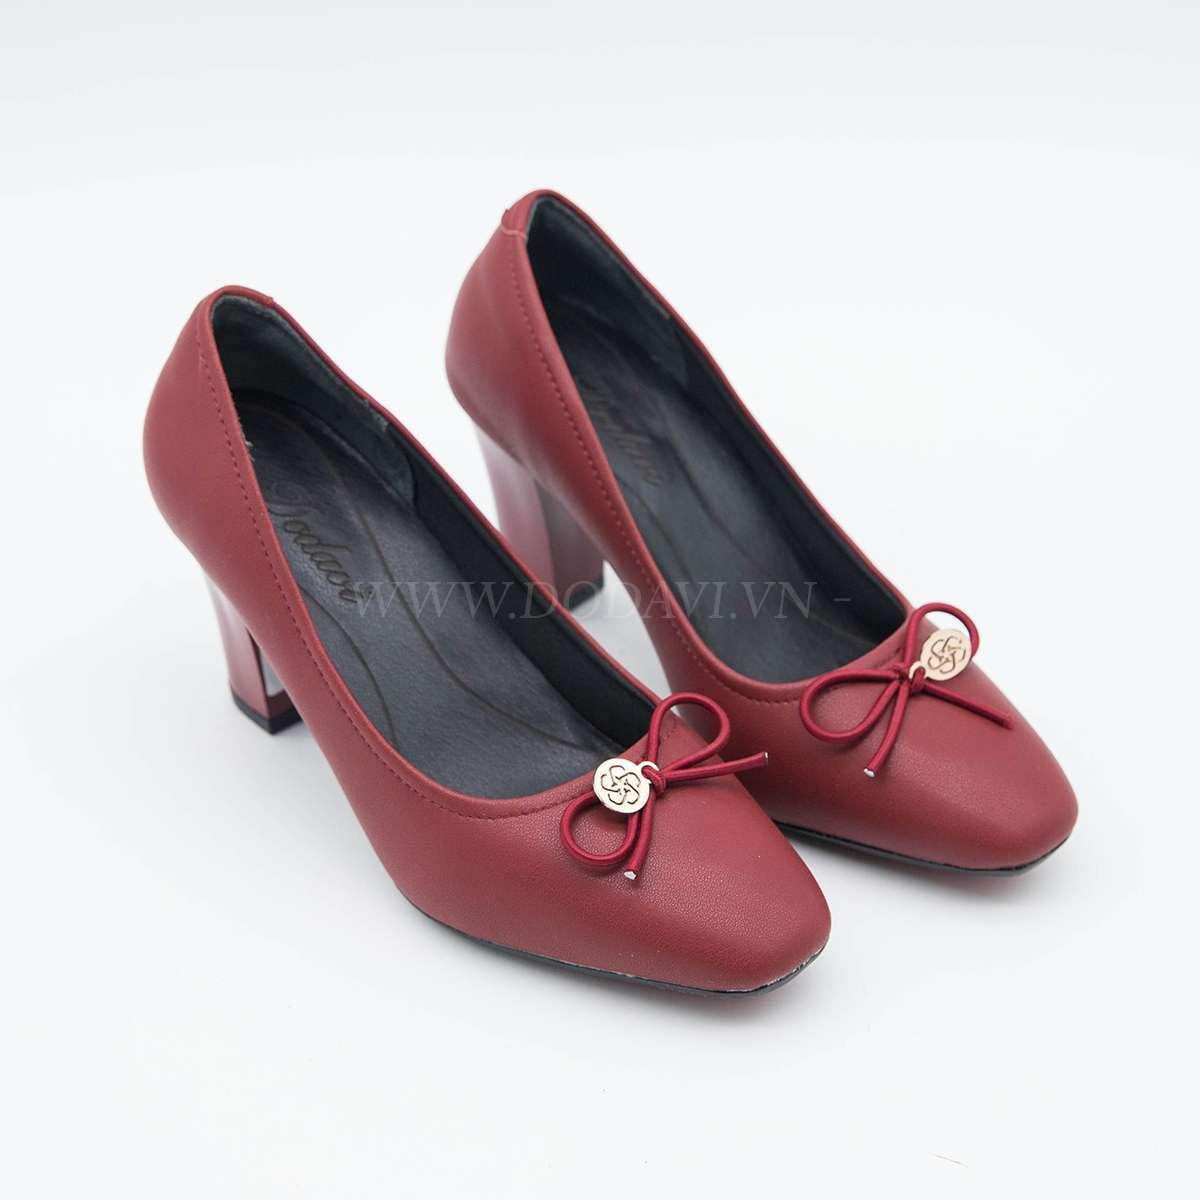 Giày nữ L705